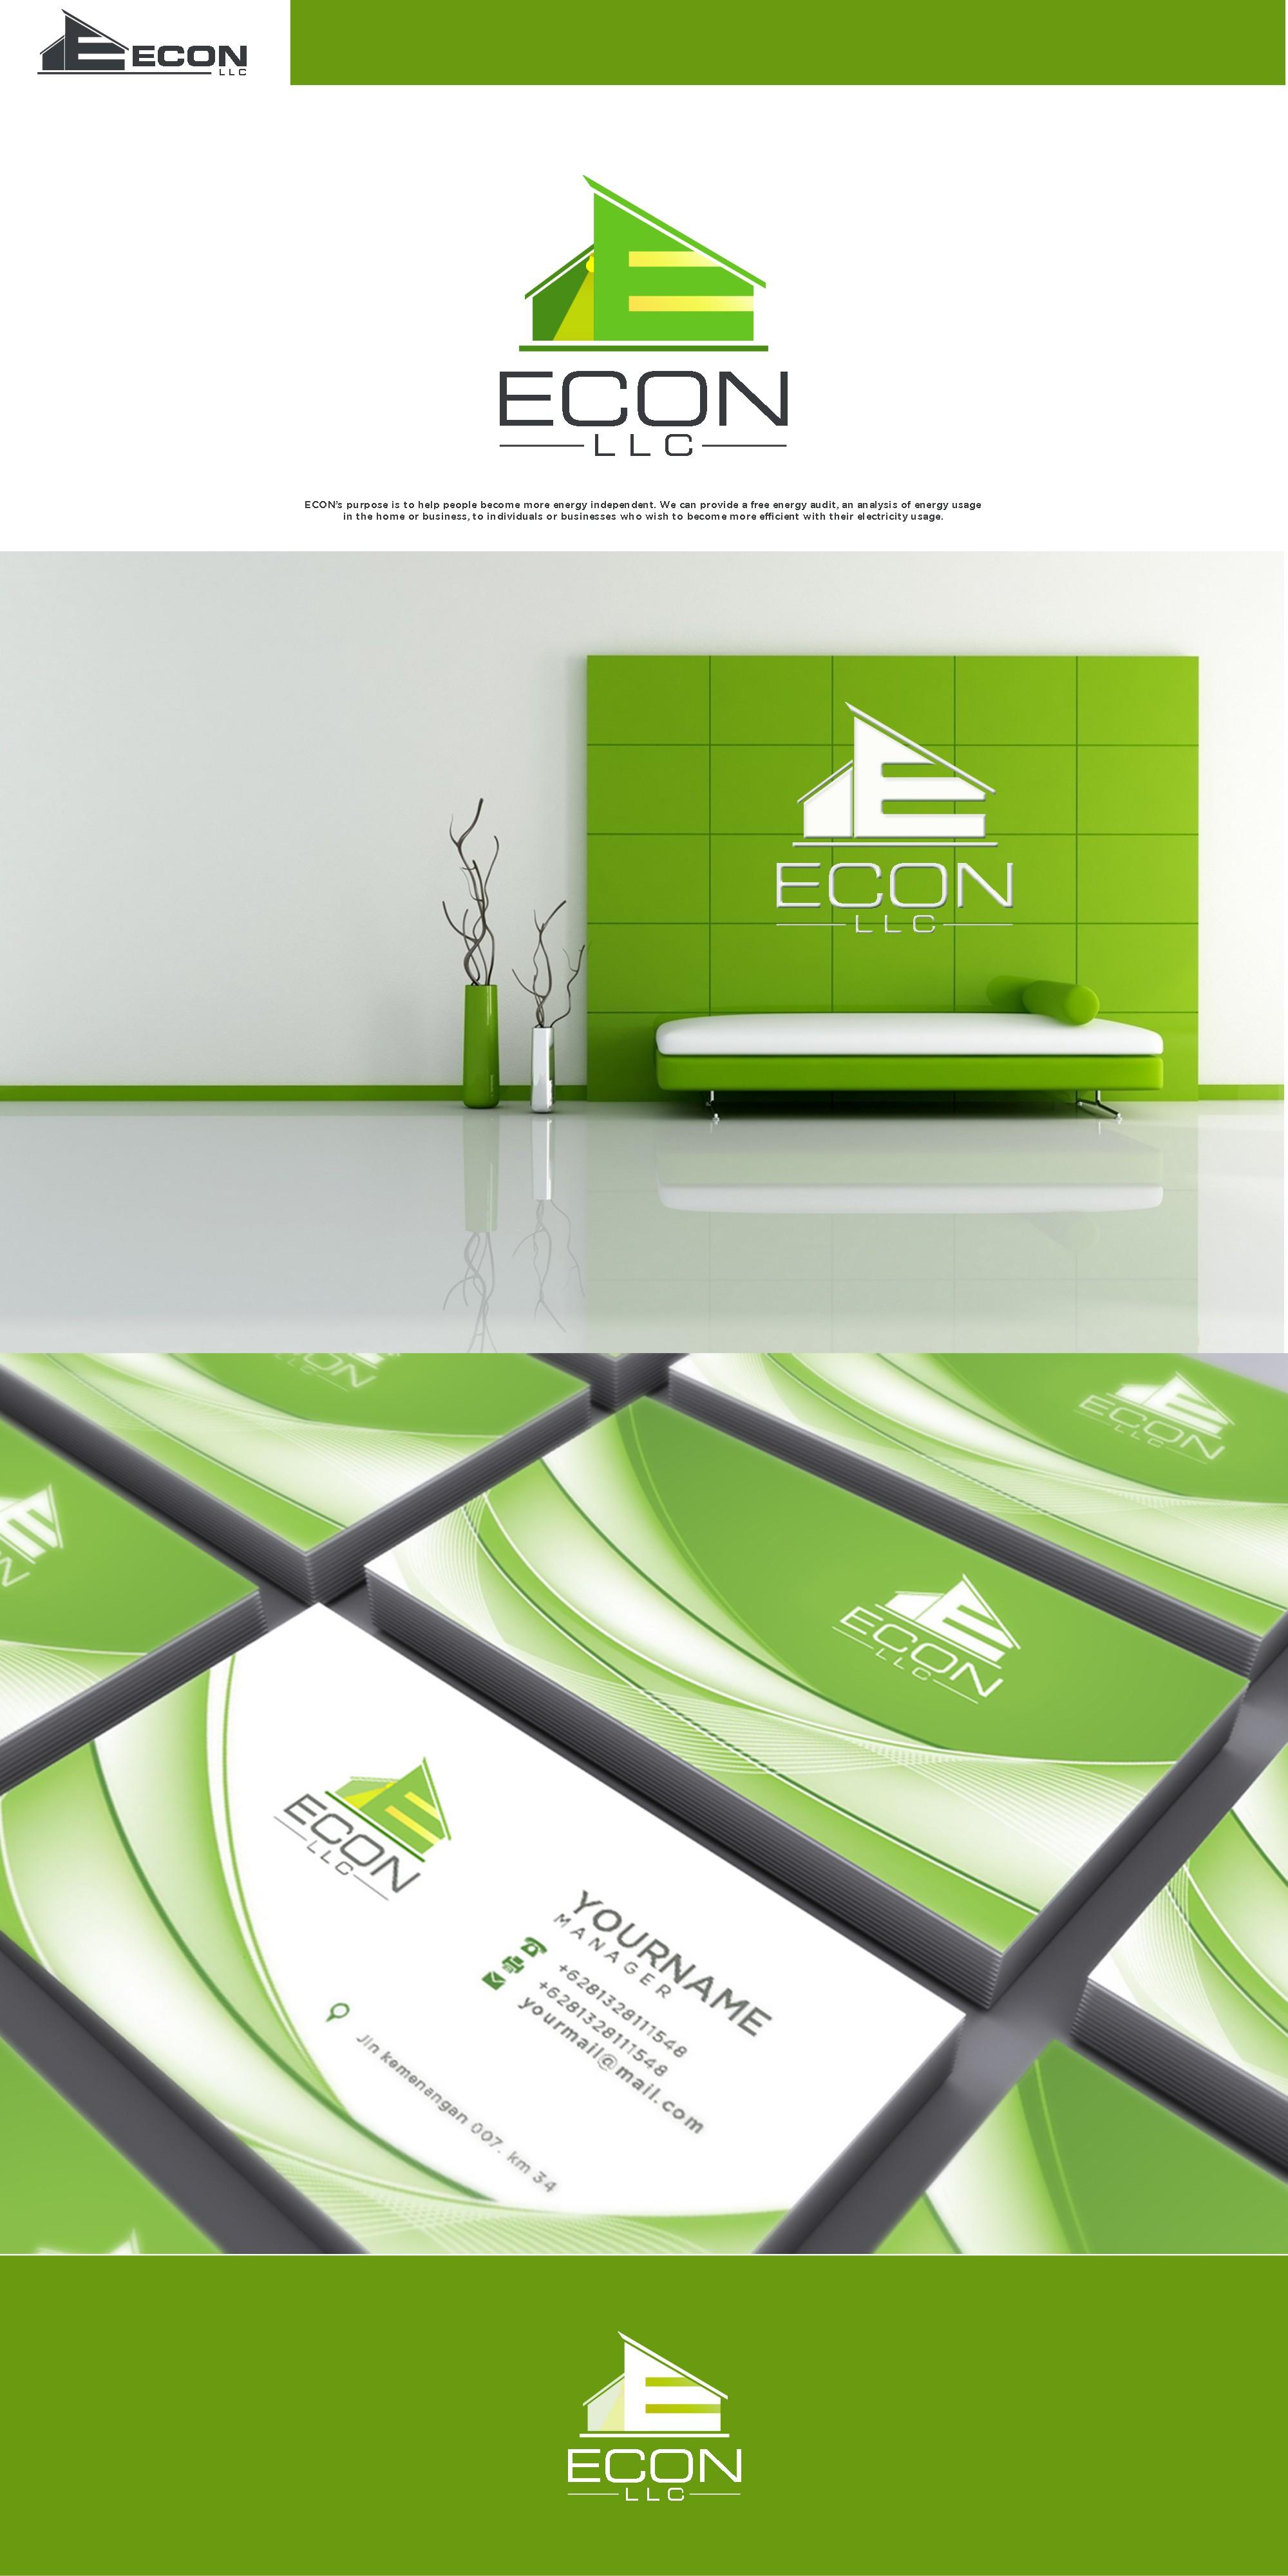 Home efficiency company needs new logo!!